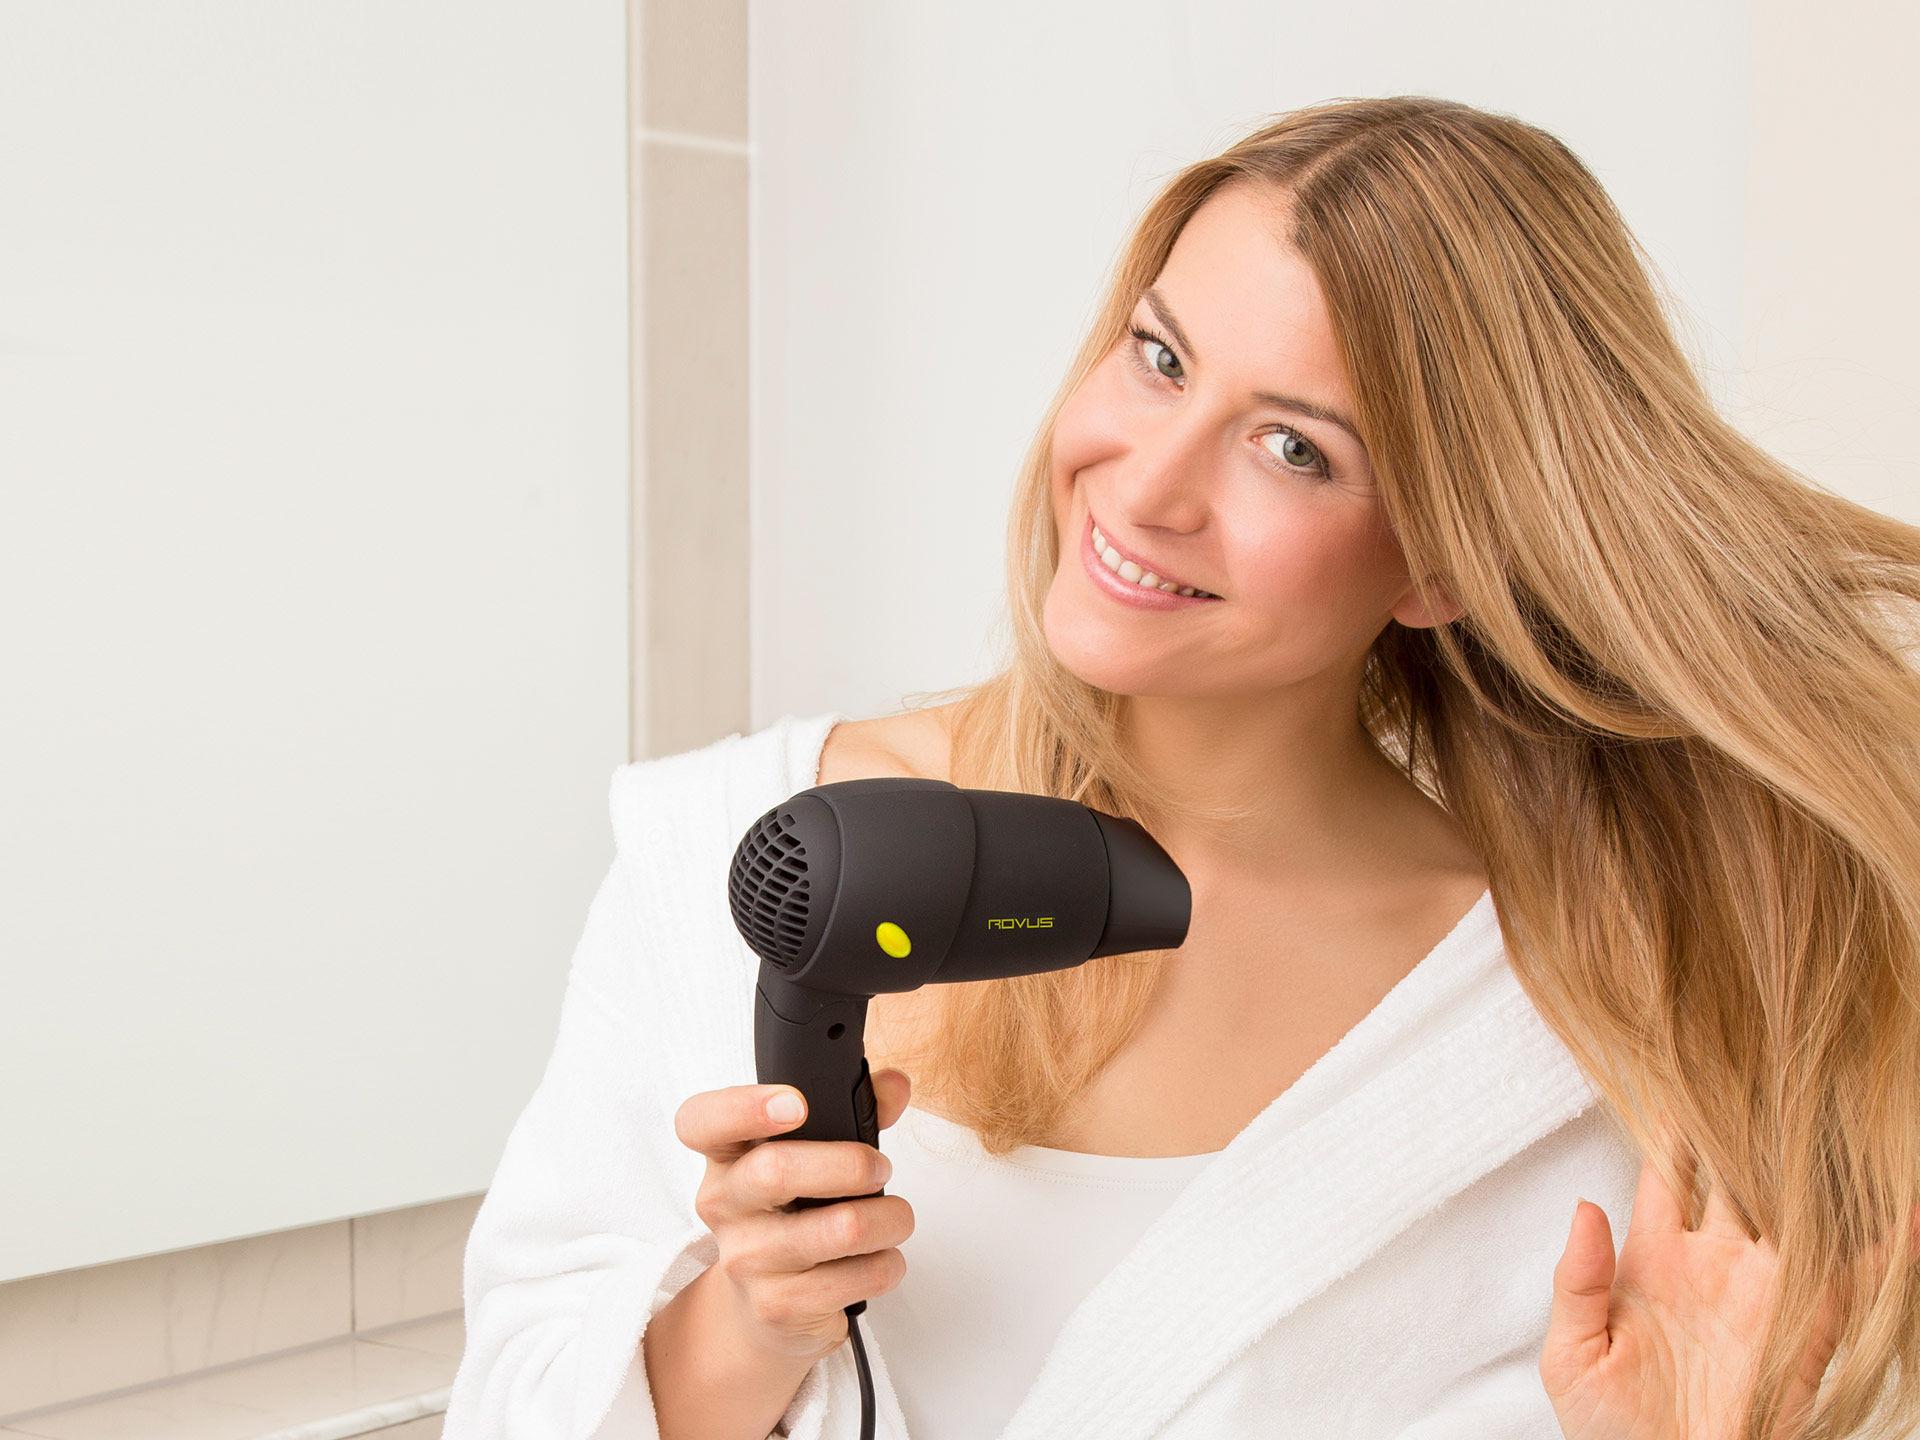 Rovus Składana suszarka do włosów